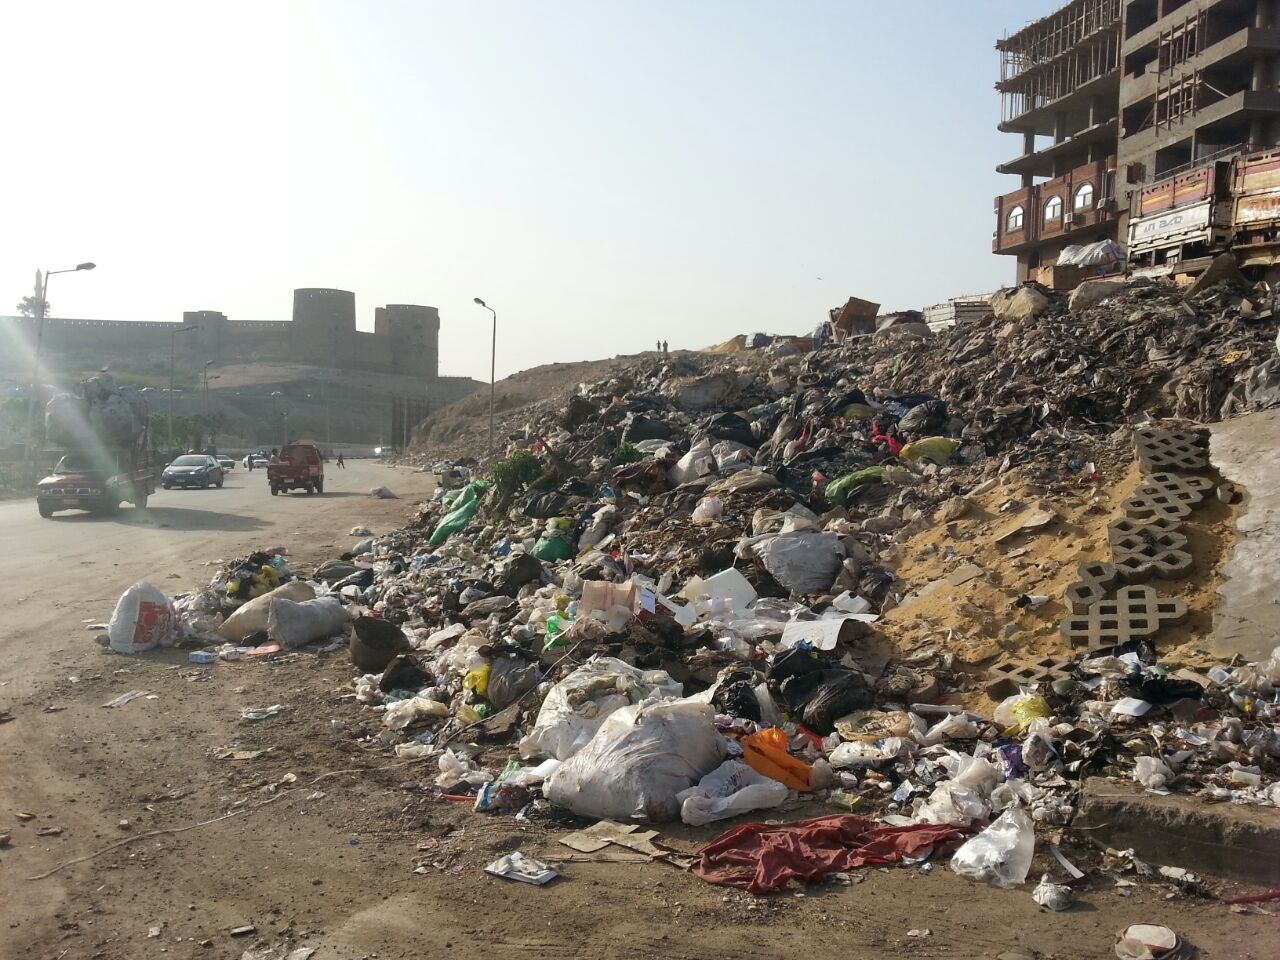 مطالب بإزالة مقلب قمامة ومخلفات في طريق قرب قلعة صلاح الدين